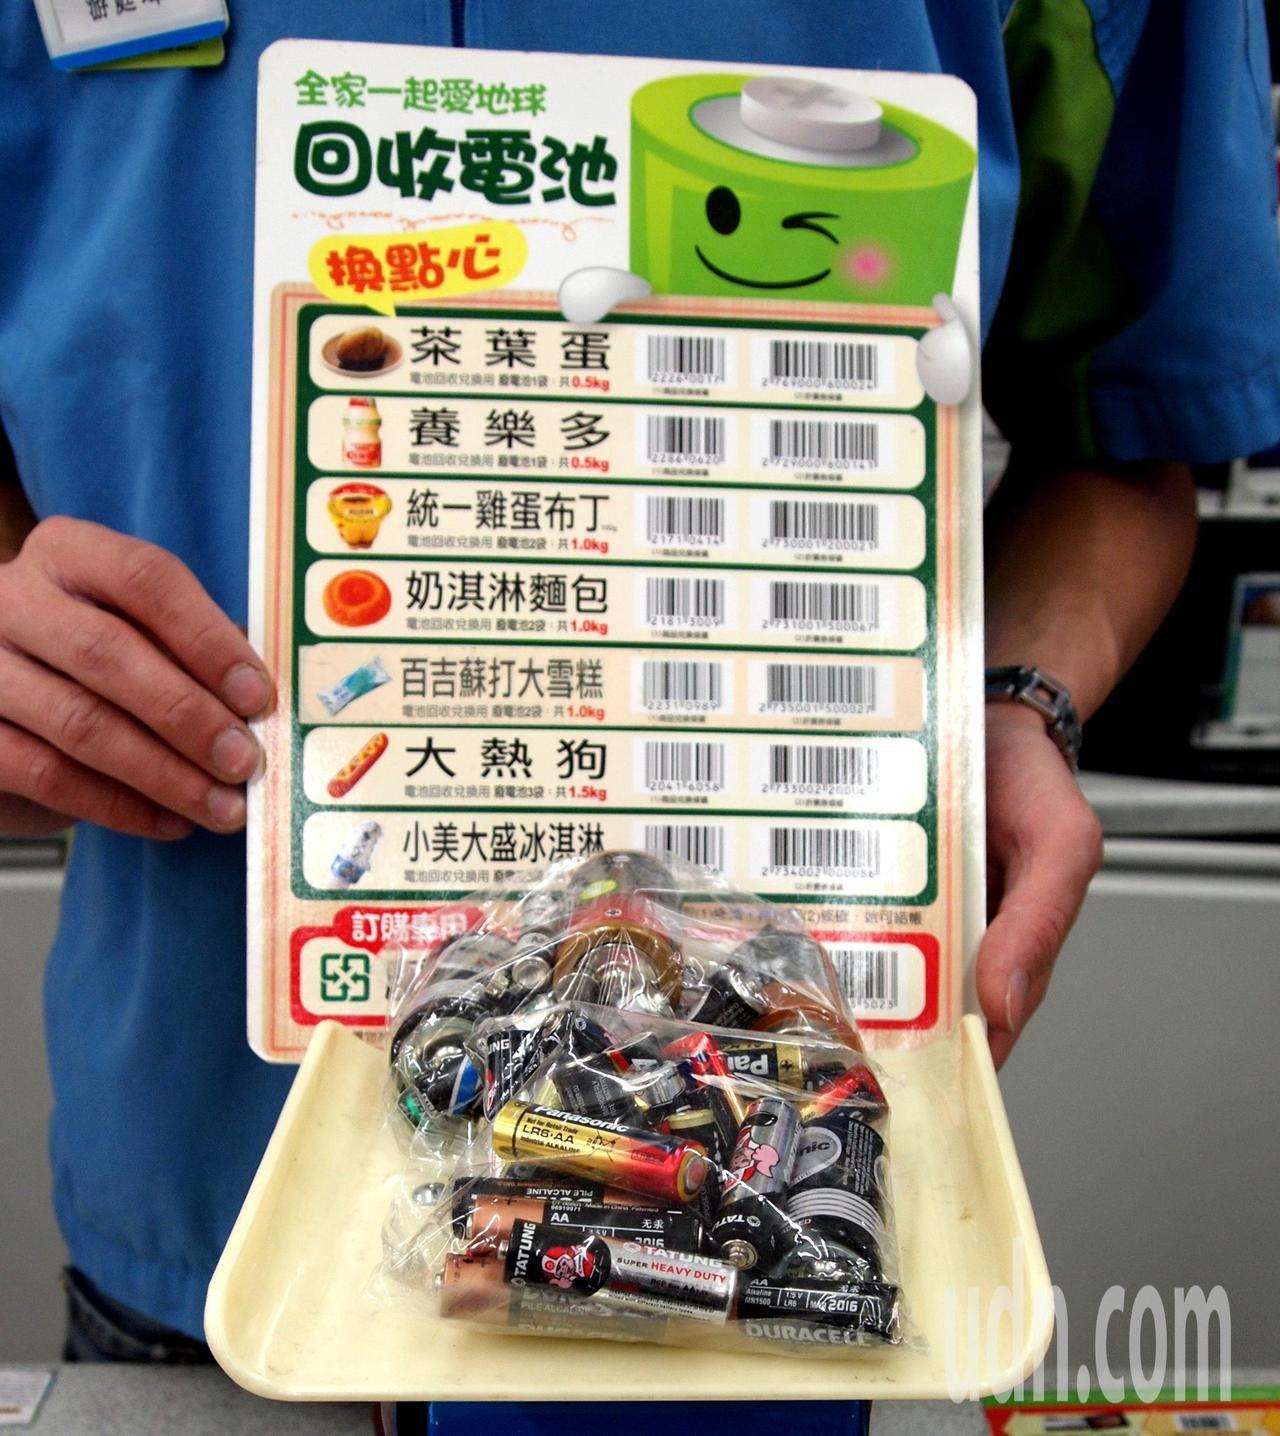 環保署今天宣布,即日起到9月30日止,民眾拿半公斤的廢電池到統一超商、全家便利商...